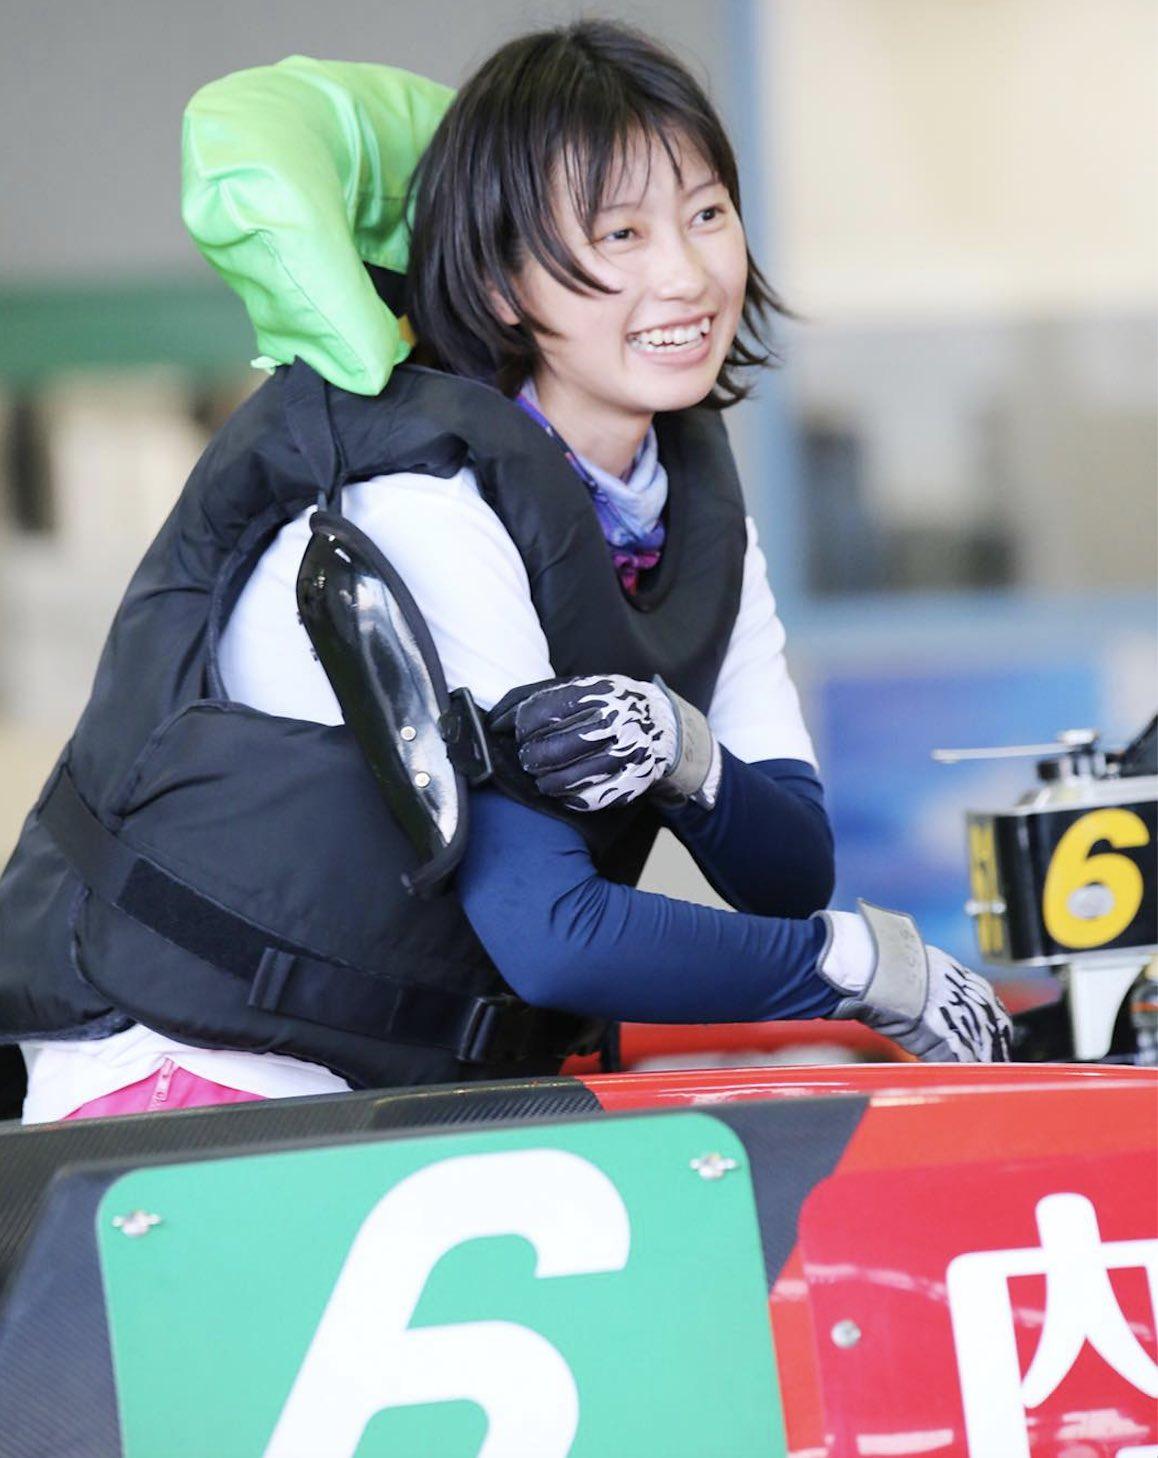 内山七海選手という競艇女子(女子ボートレーサー)の写真画像